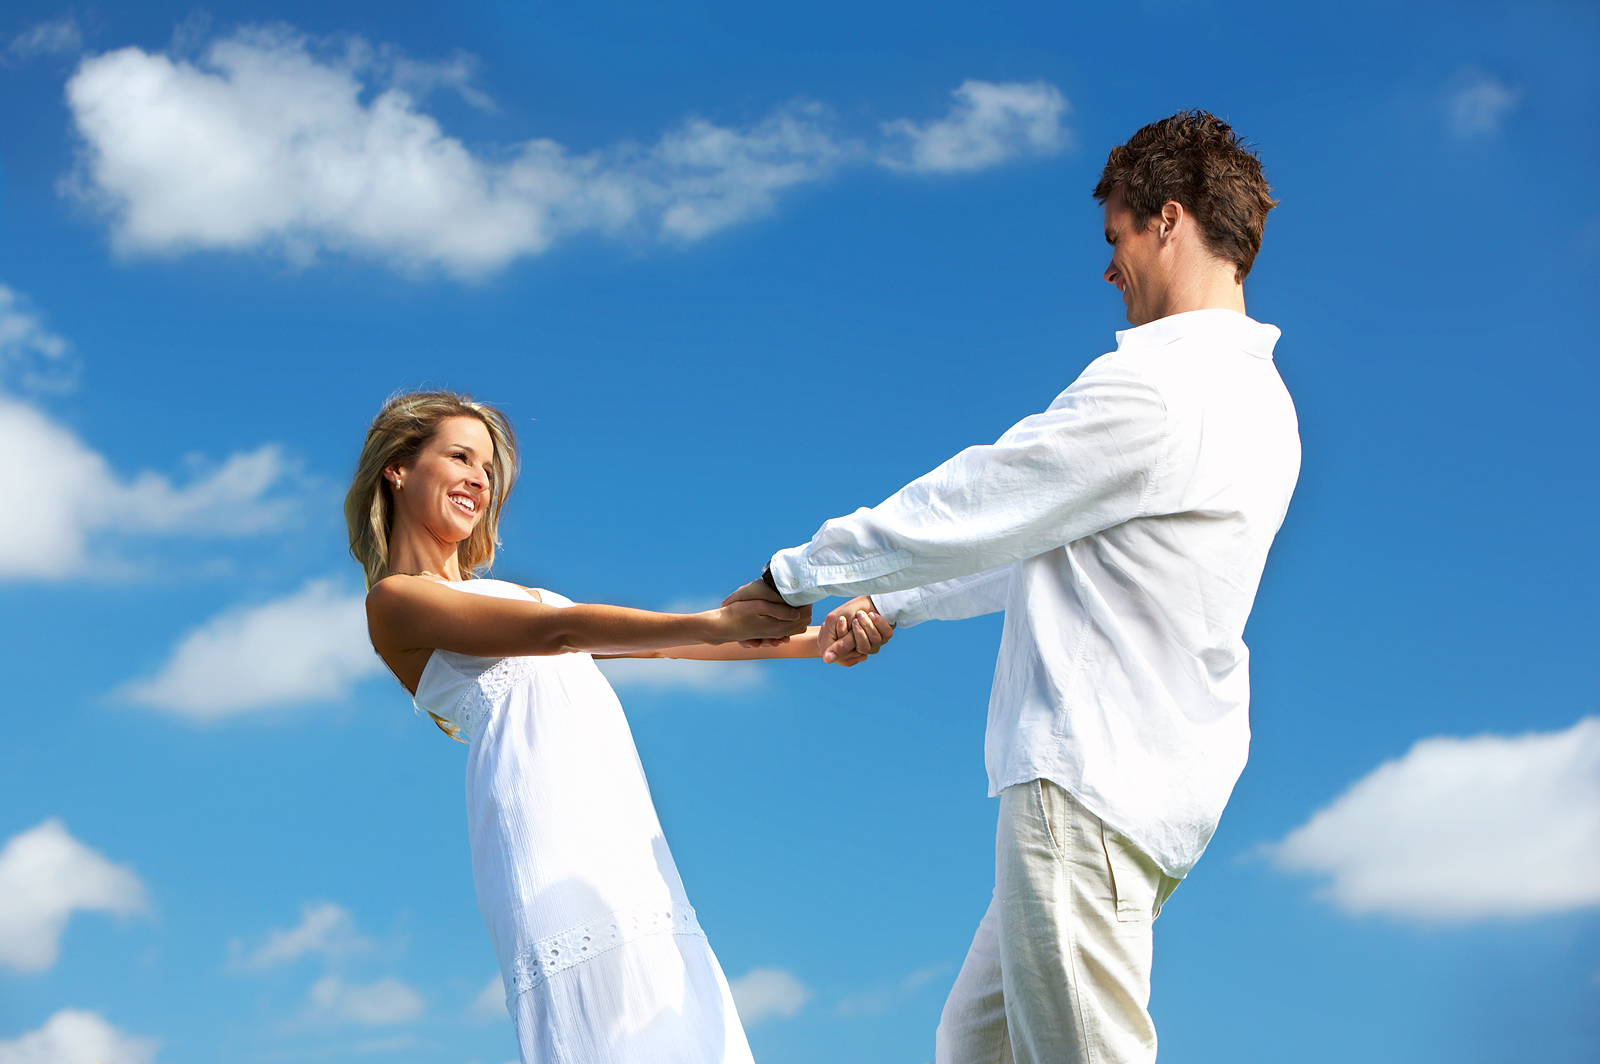 3 главных способа сделать семейные отношения идеальными